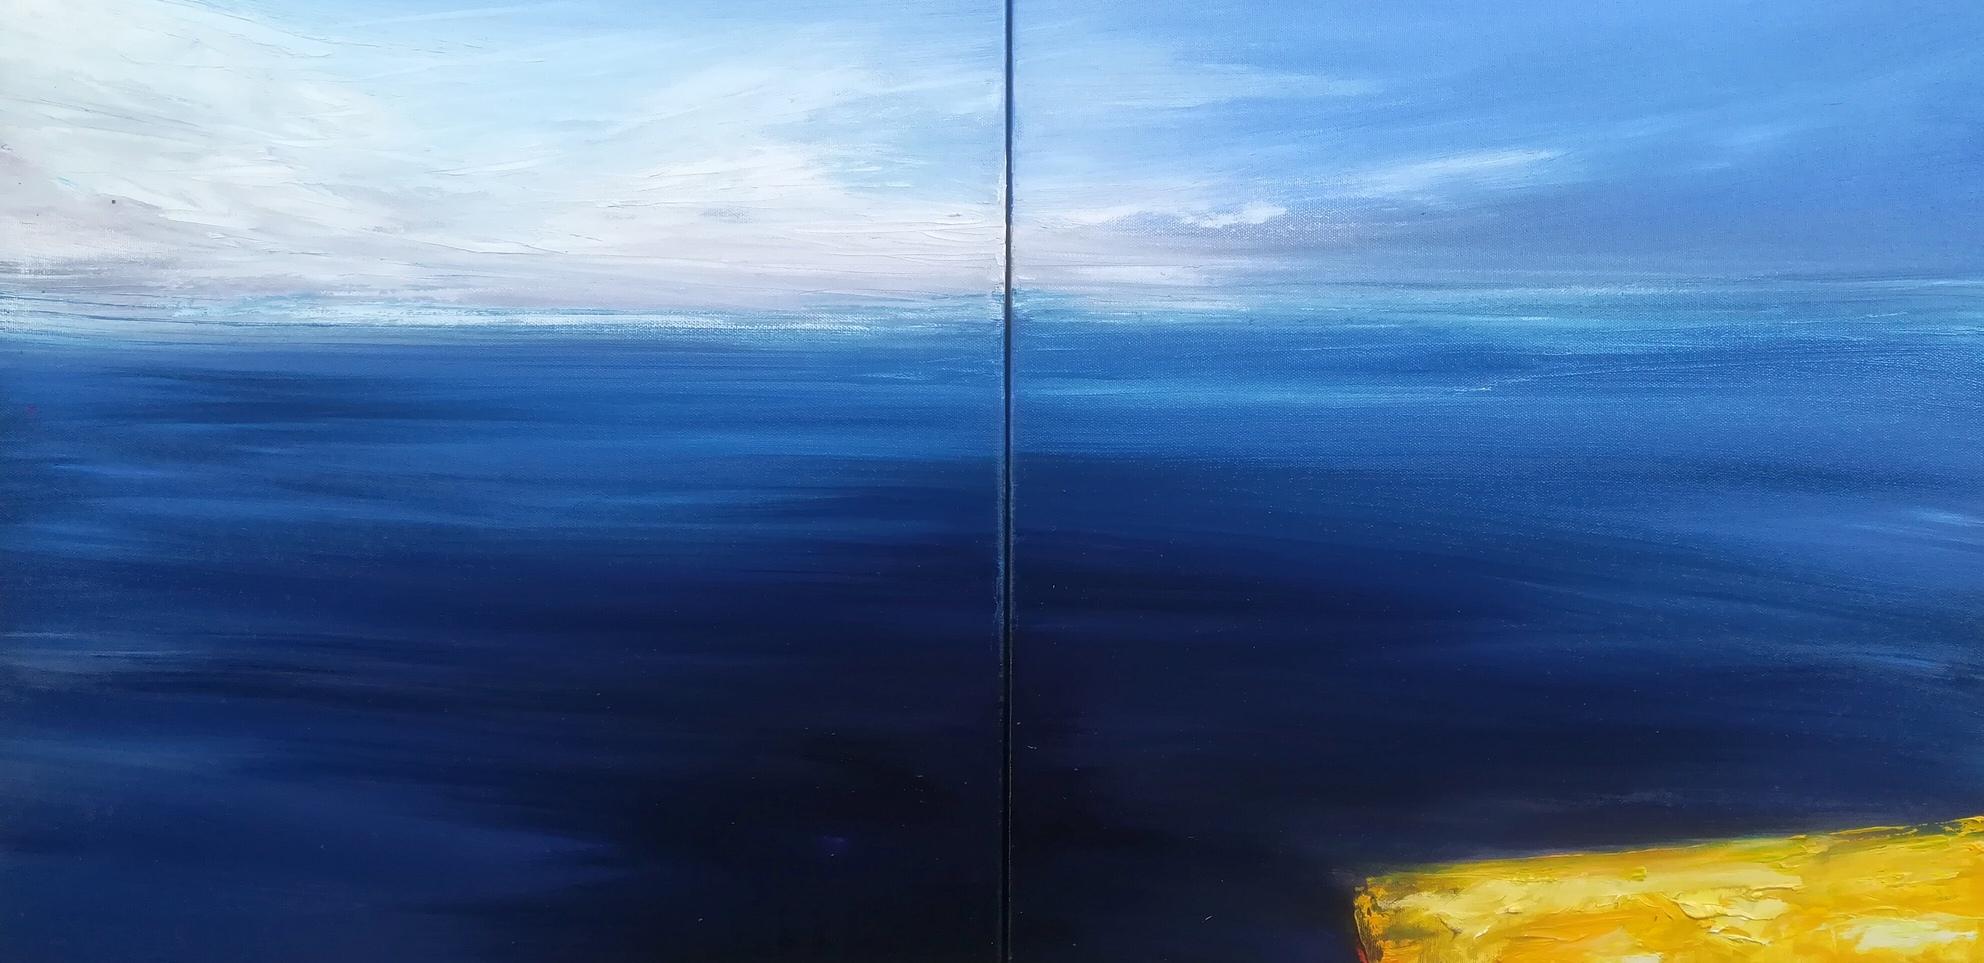 2018-Dalla-Fortezza-di-Peniche-50x100cm-olio-su-tela-dittico